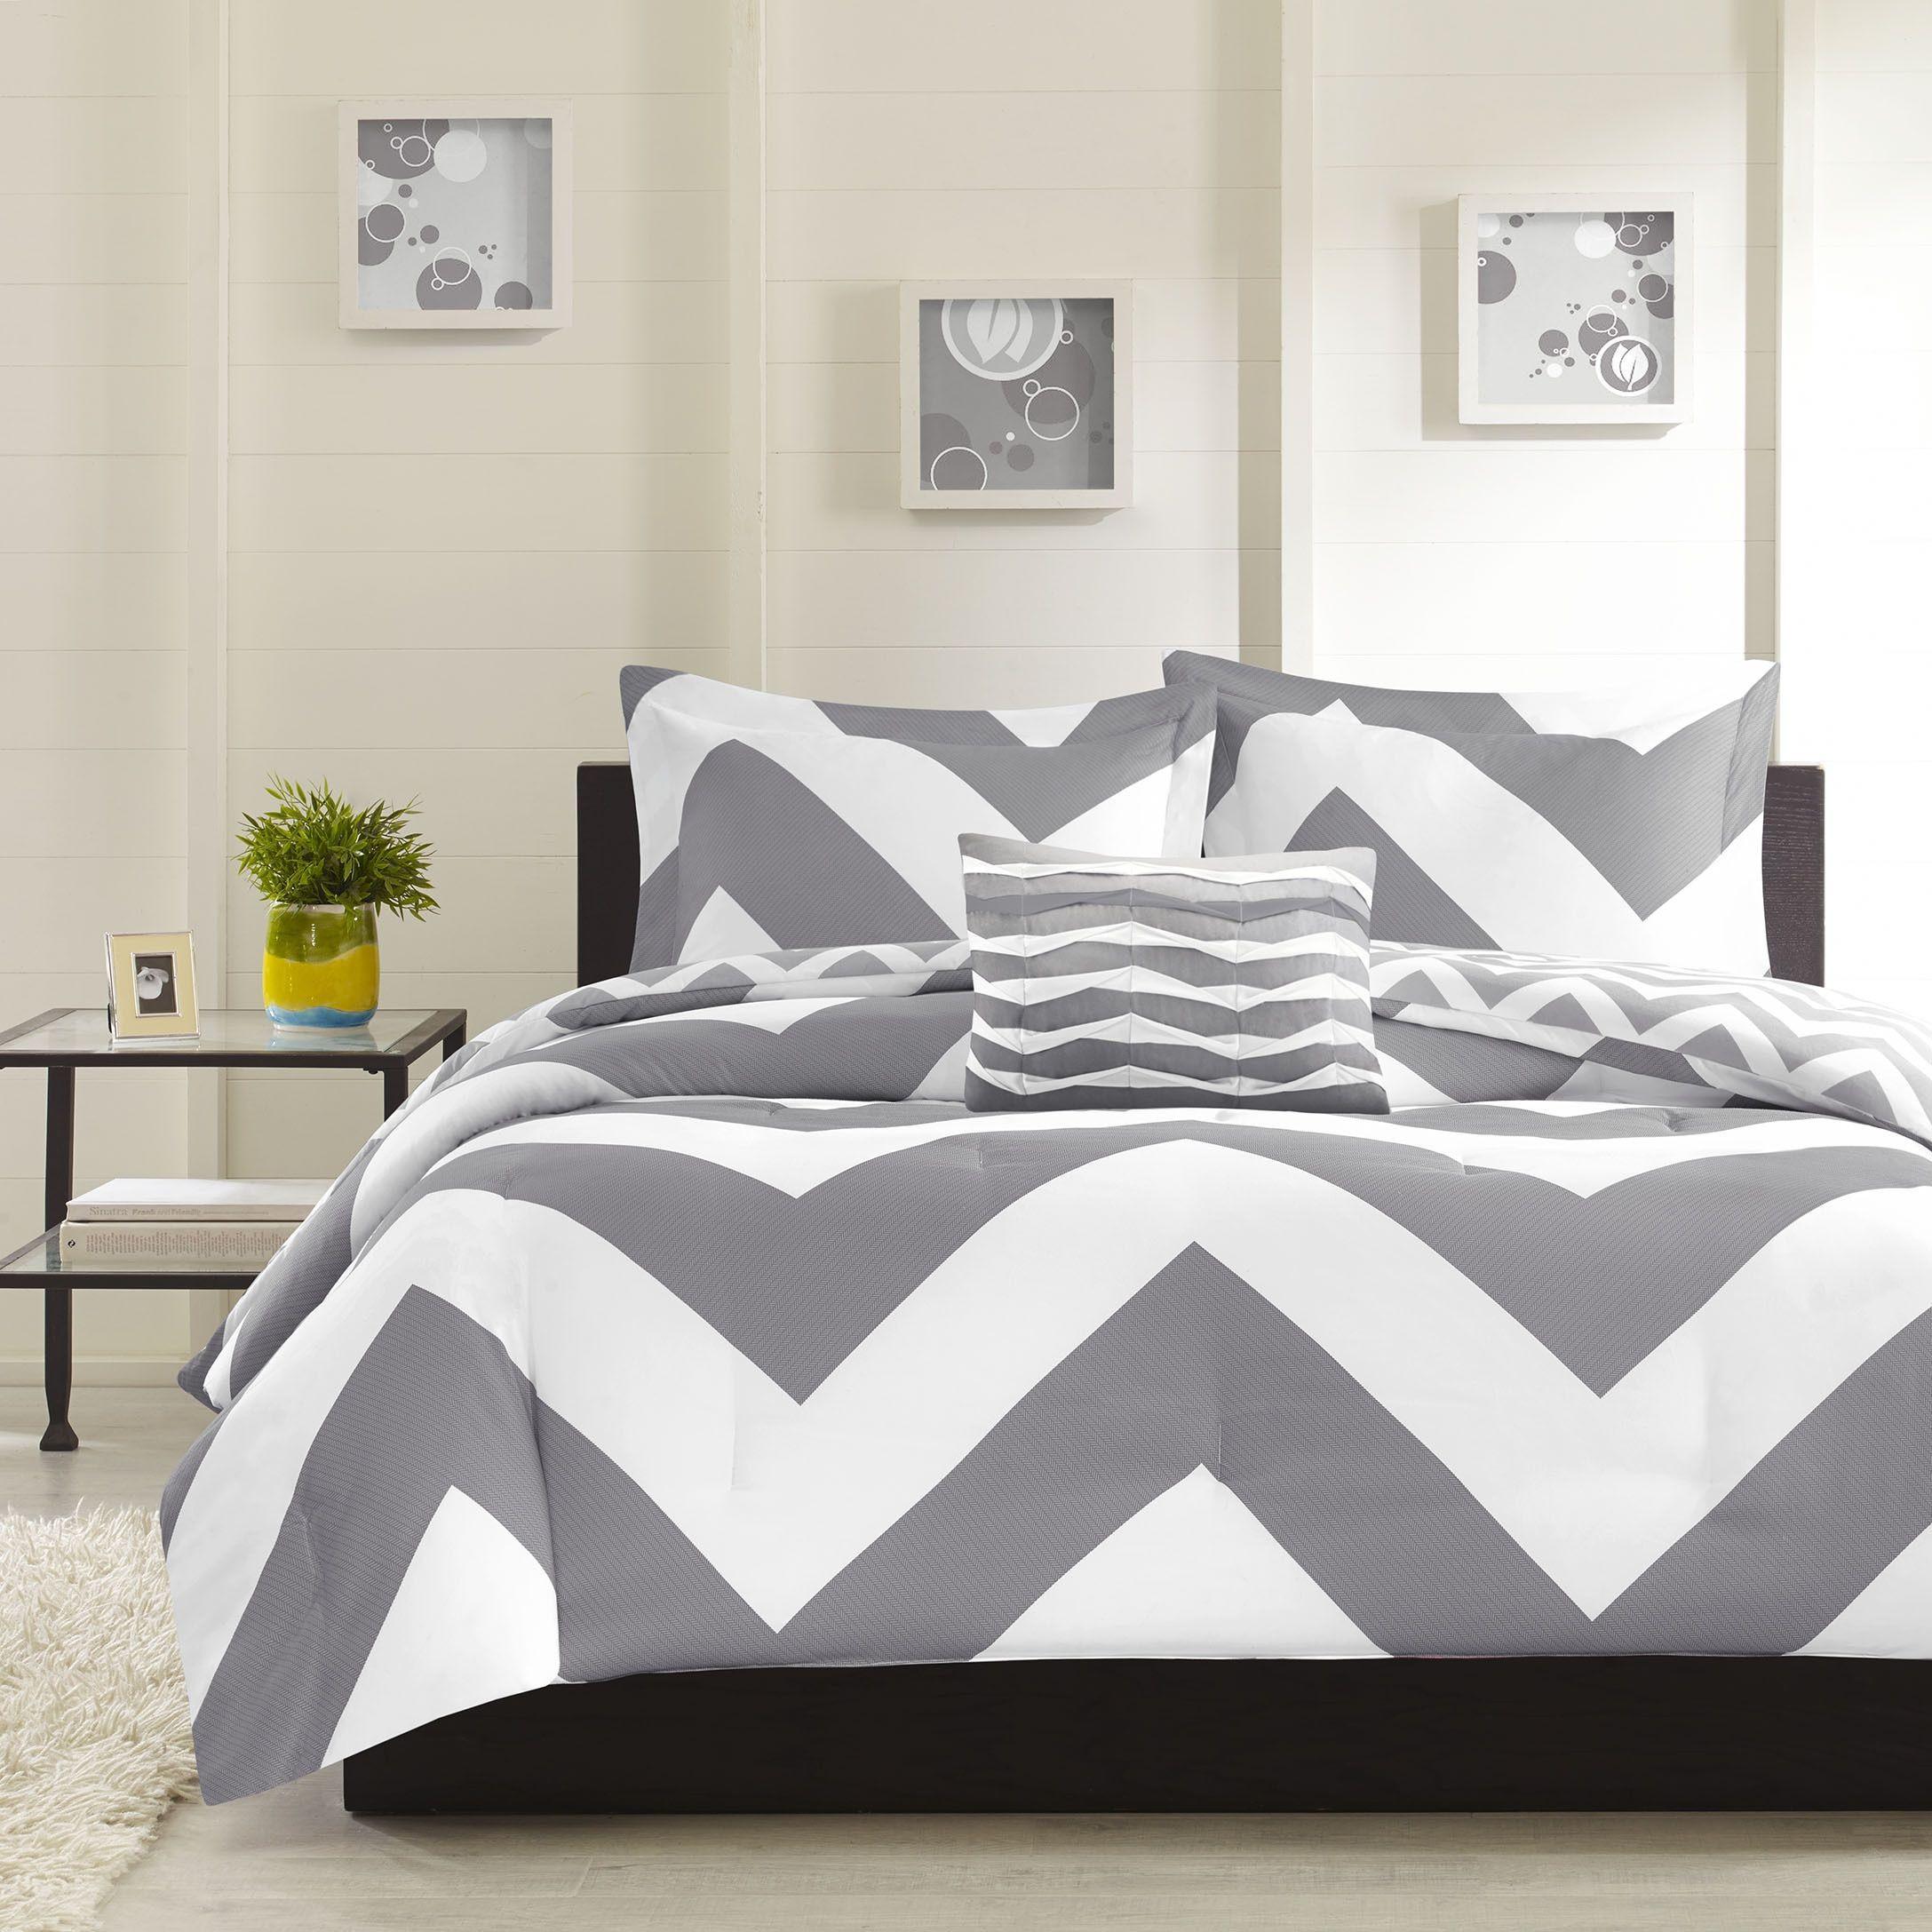 Mi Zone Gemini Reversible forter Set Bedroom